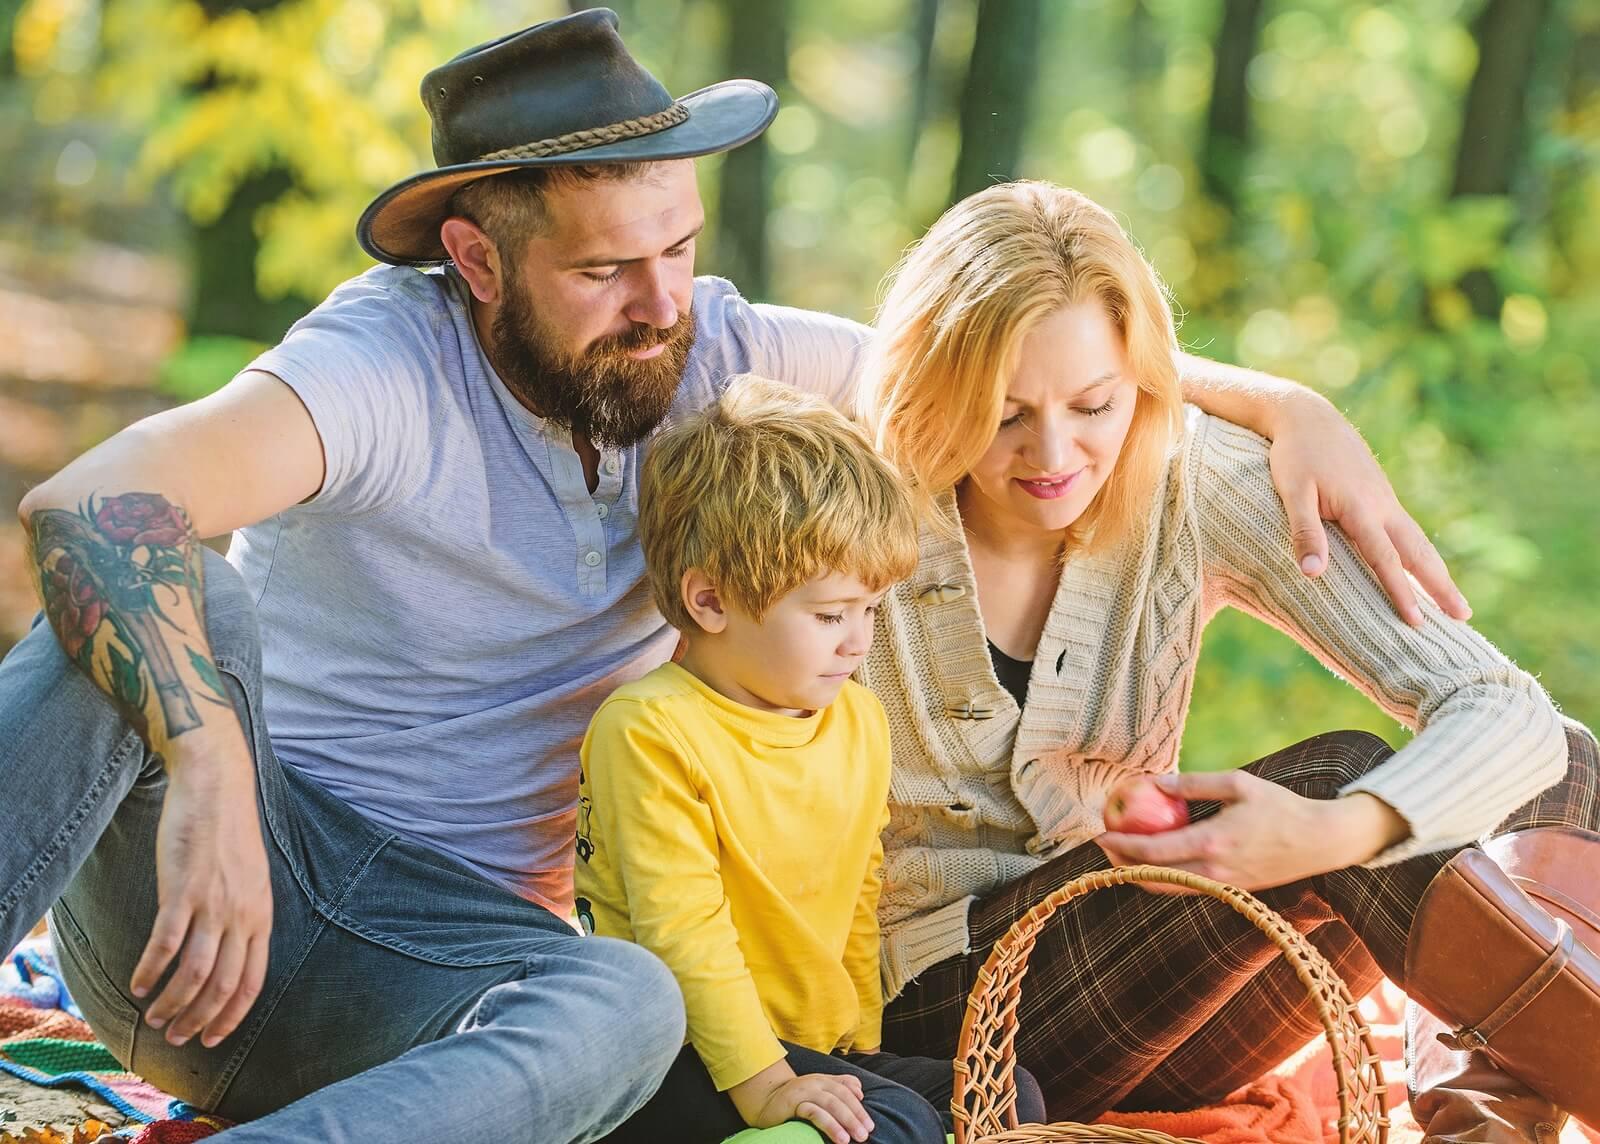 Familia con una cesta de comida durante una excursión.